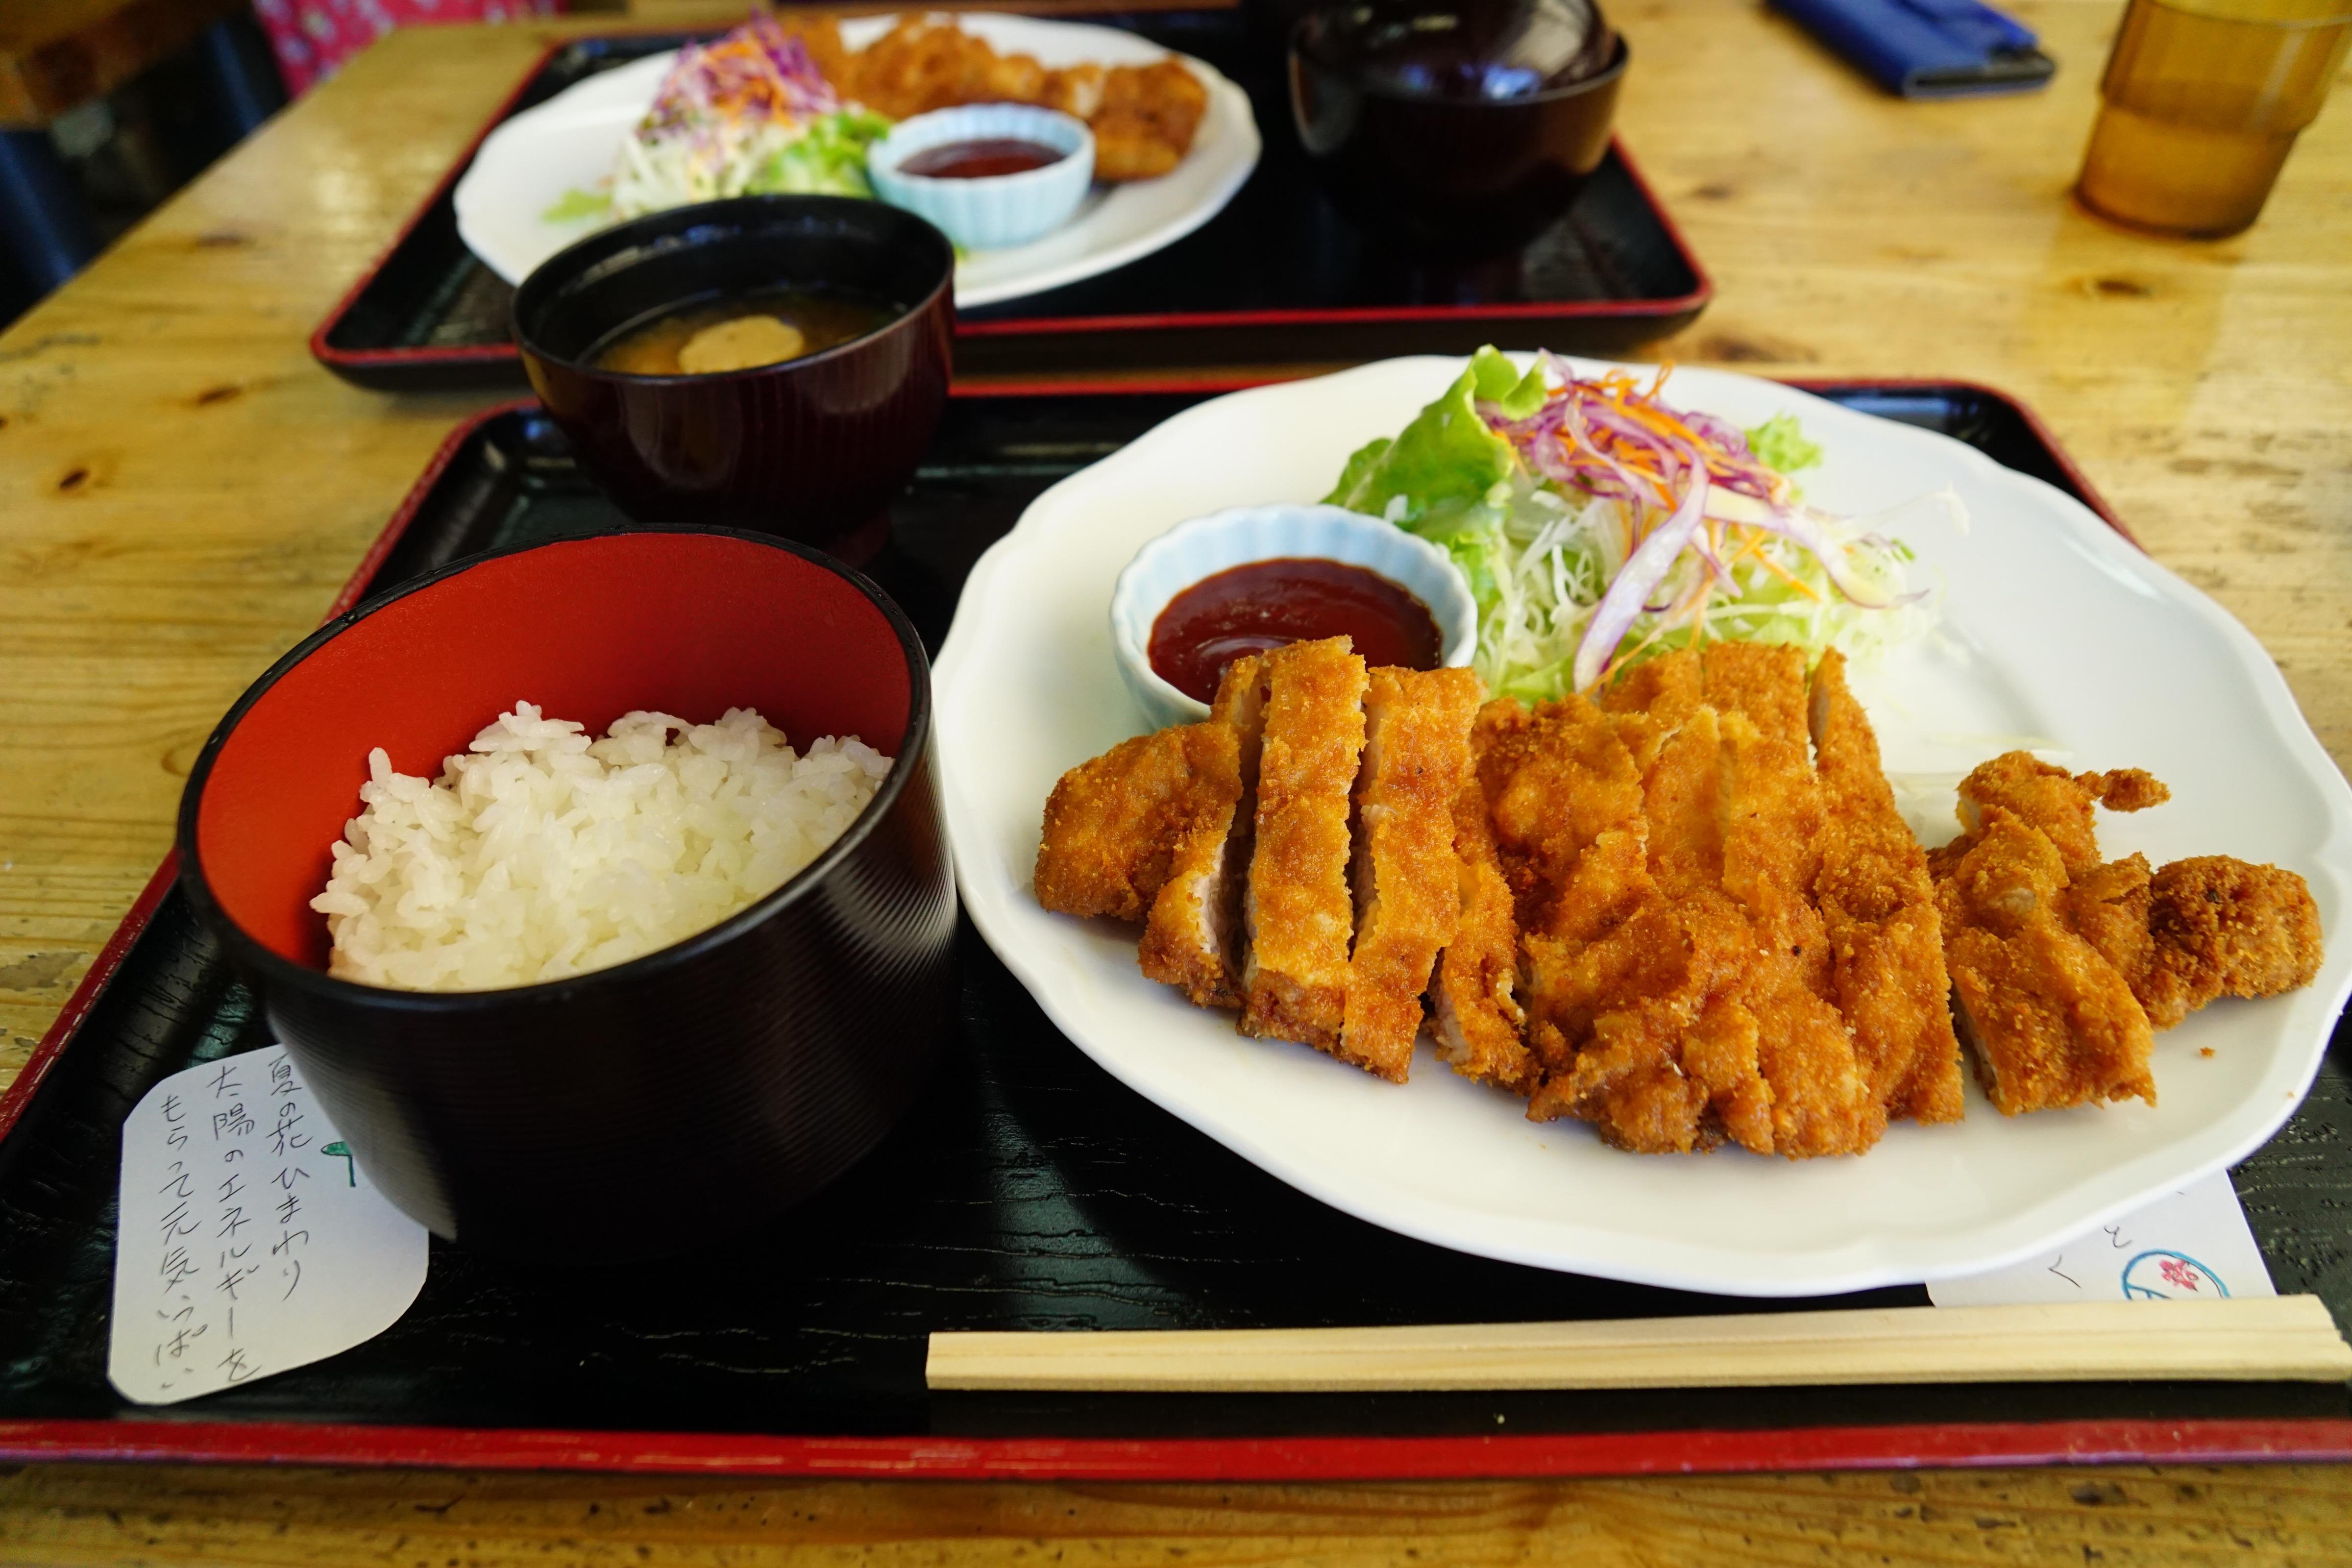 お昼は道の駅で大和ポークのトンカツを食べました。美味しかったです。